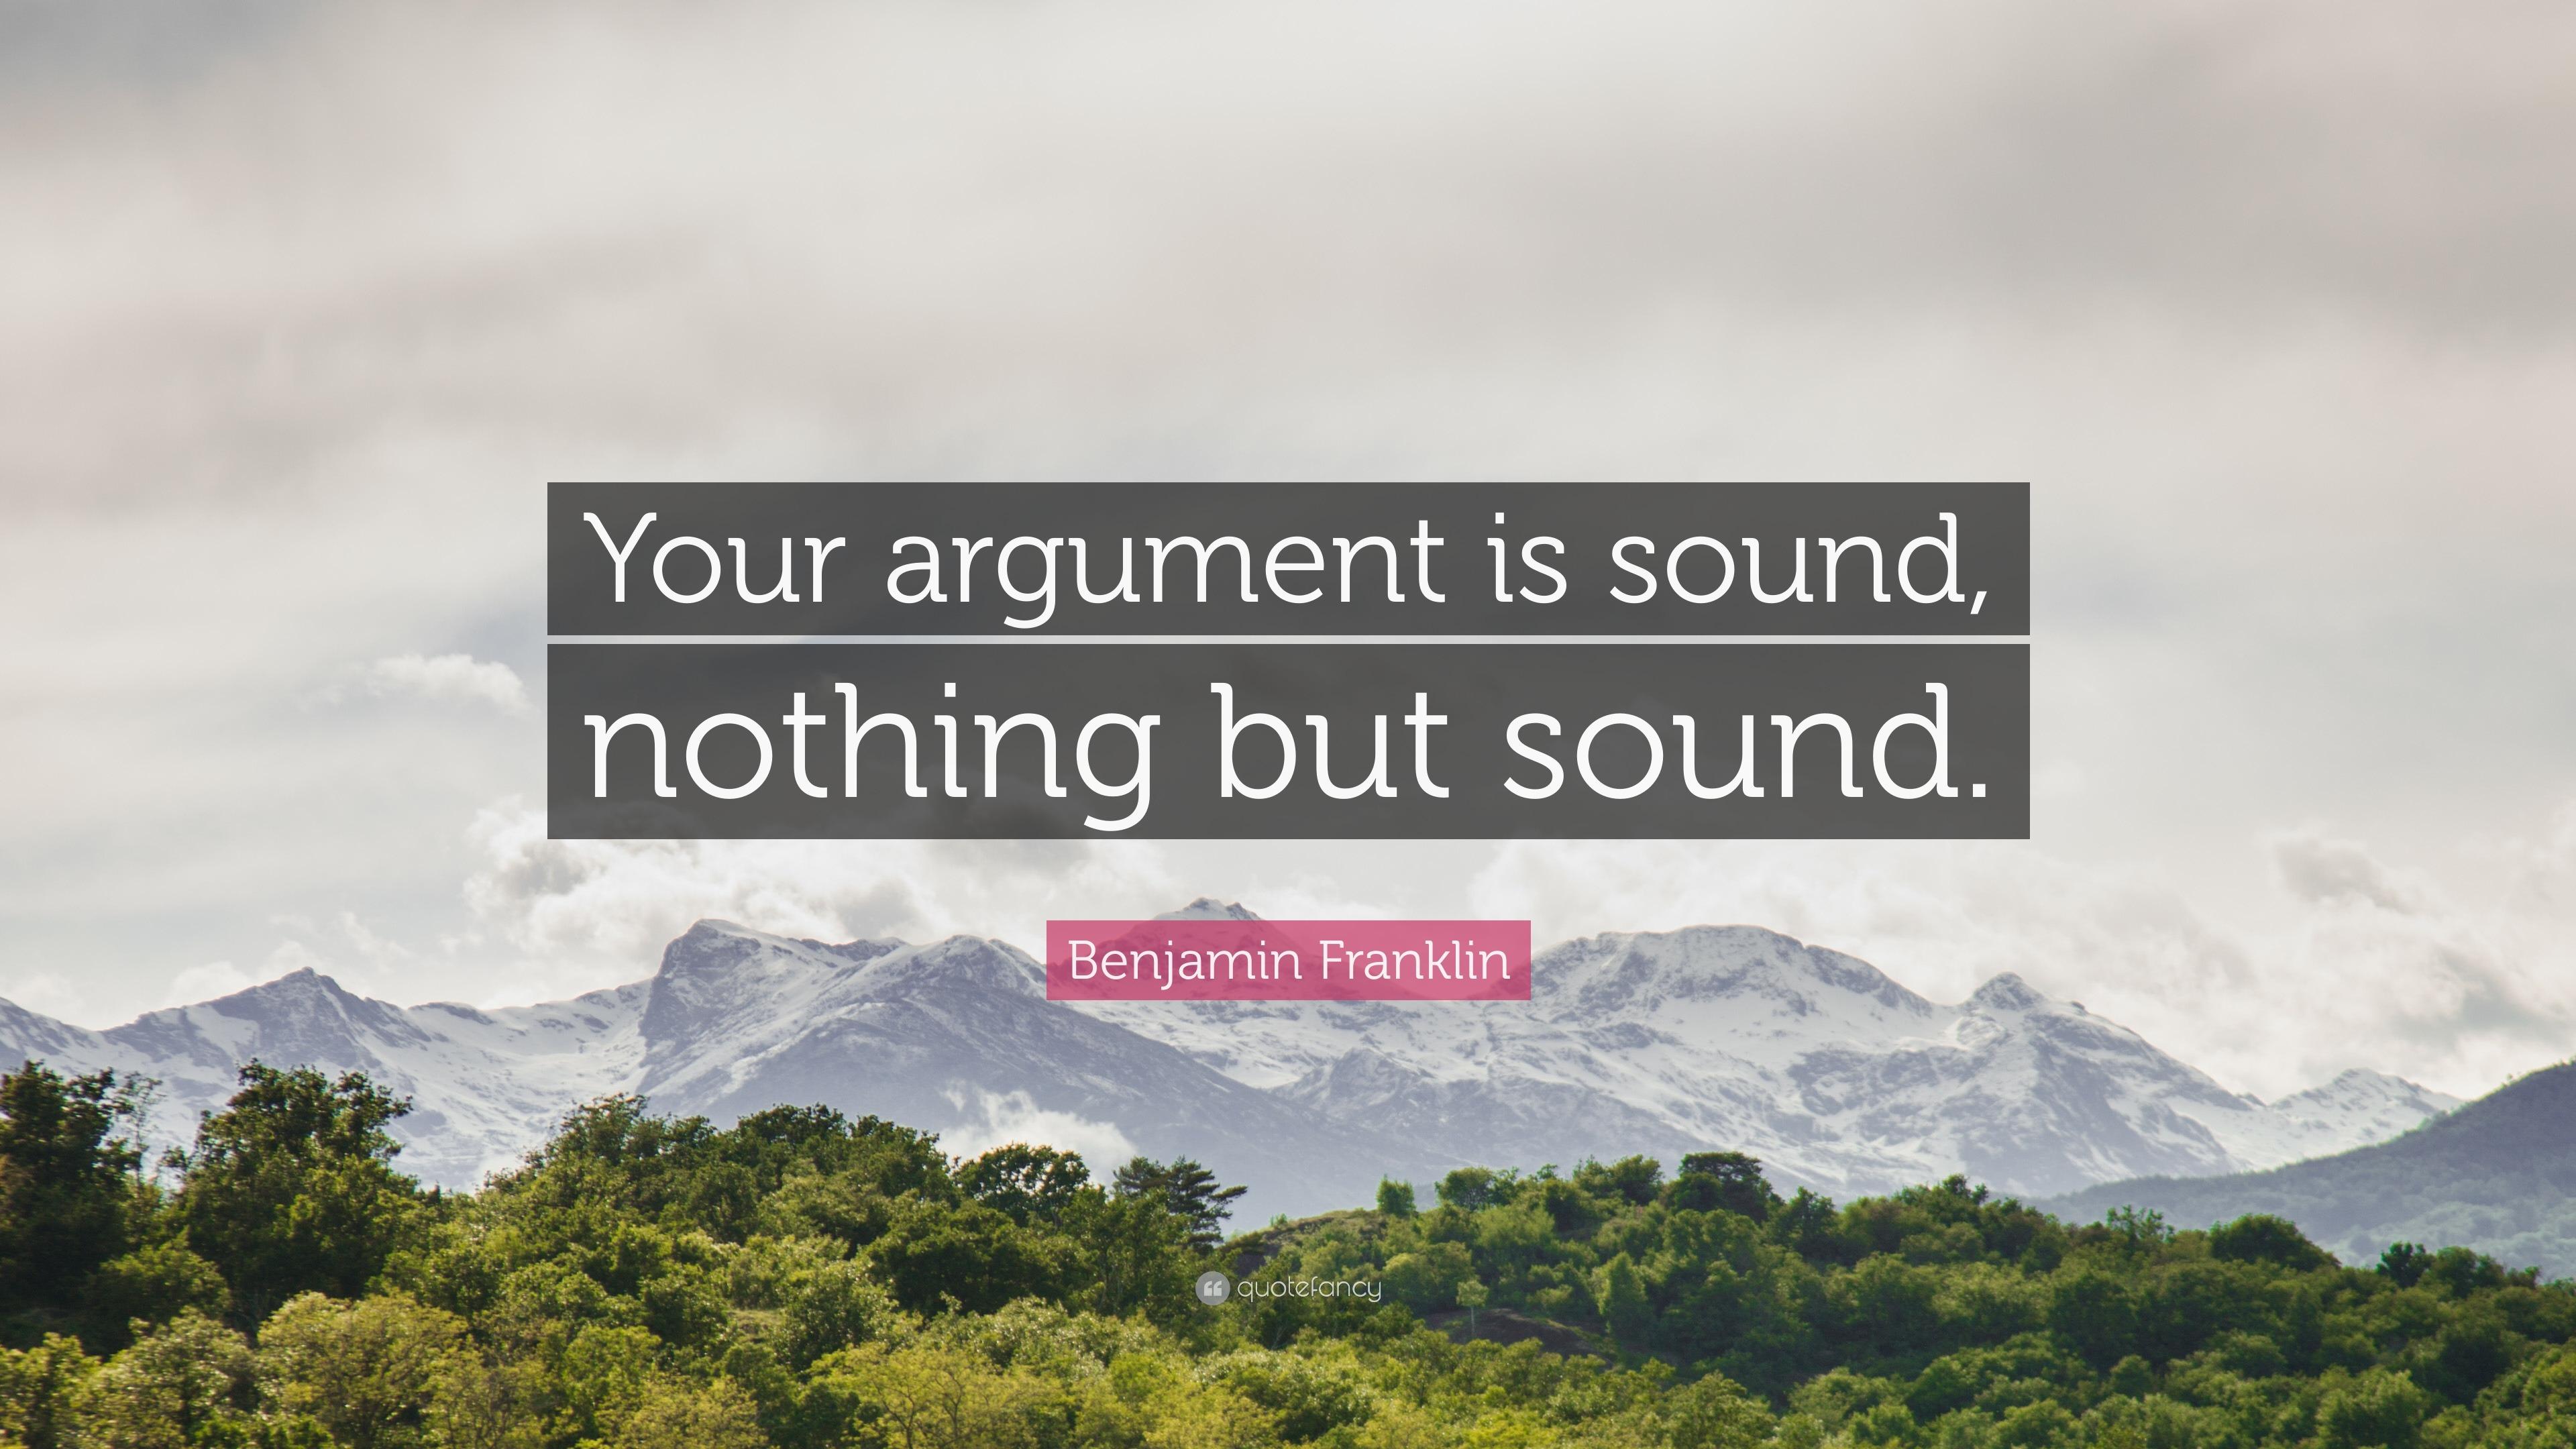 your argument